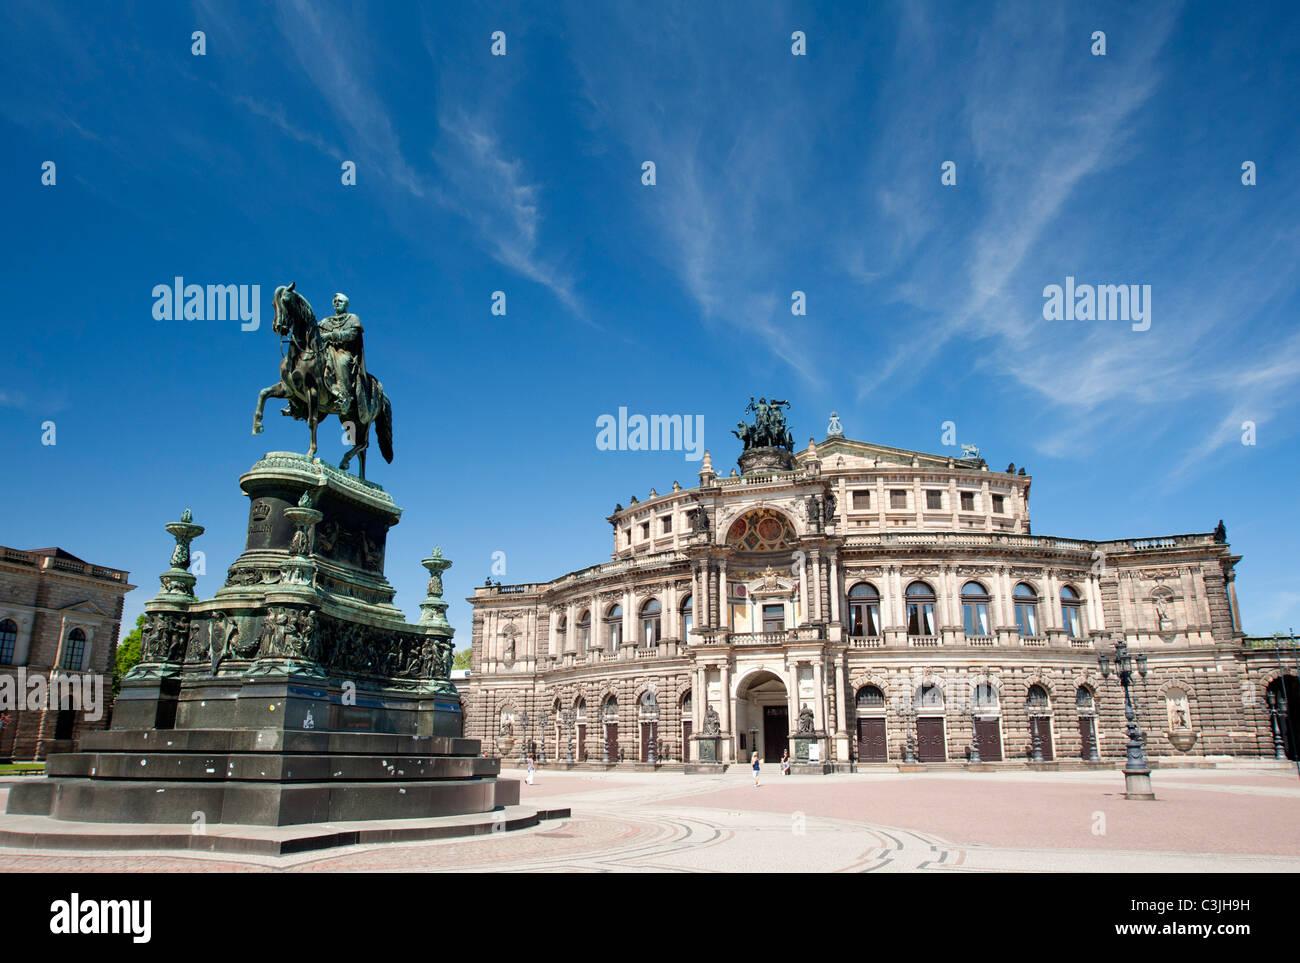 Das Opernhaus Semperoper in Dresden Sachsen Deutschland Stockbild